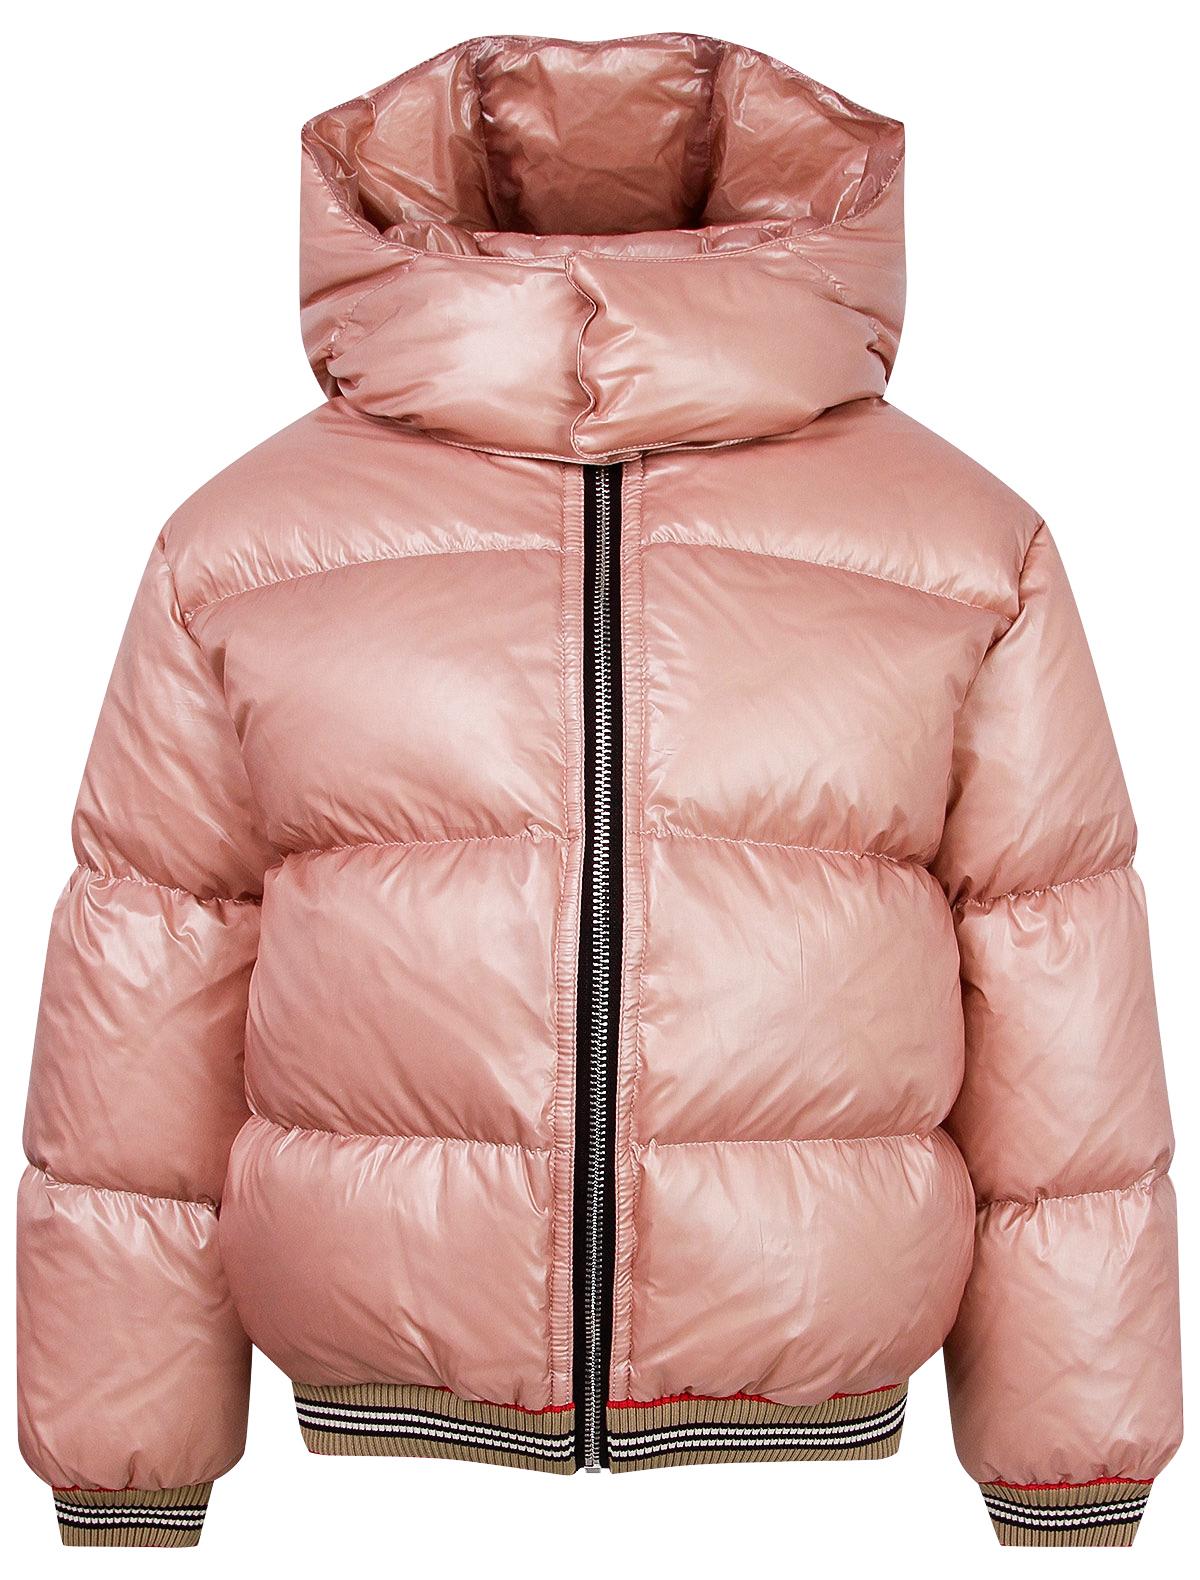 Купить 2140126, Куртка Burberry, розовый, Женский, 1072609980280